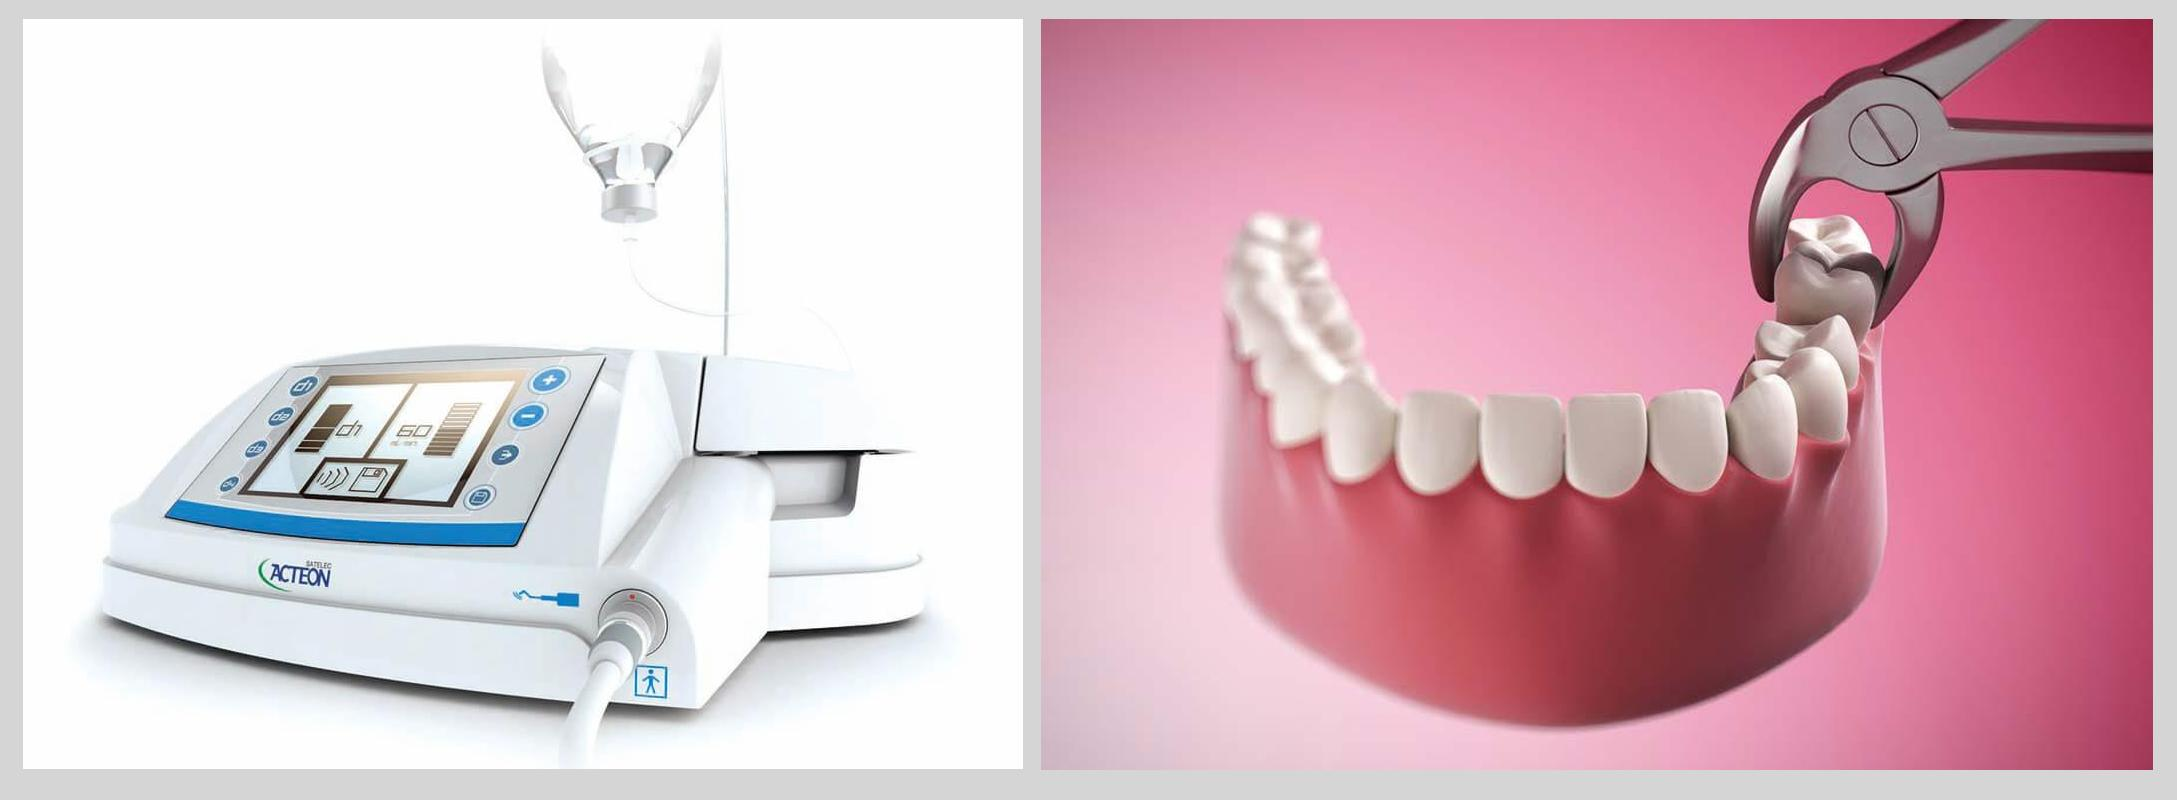 Nhổ răng khôn siêu âm khác nhổ truyền thống chỗ nào? Nha khoa Thùy Anh